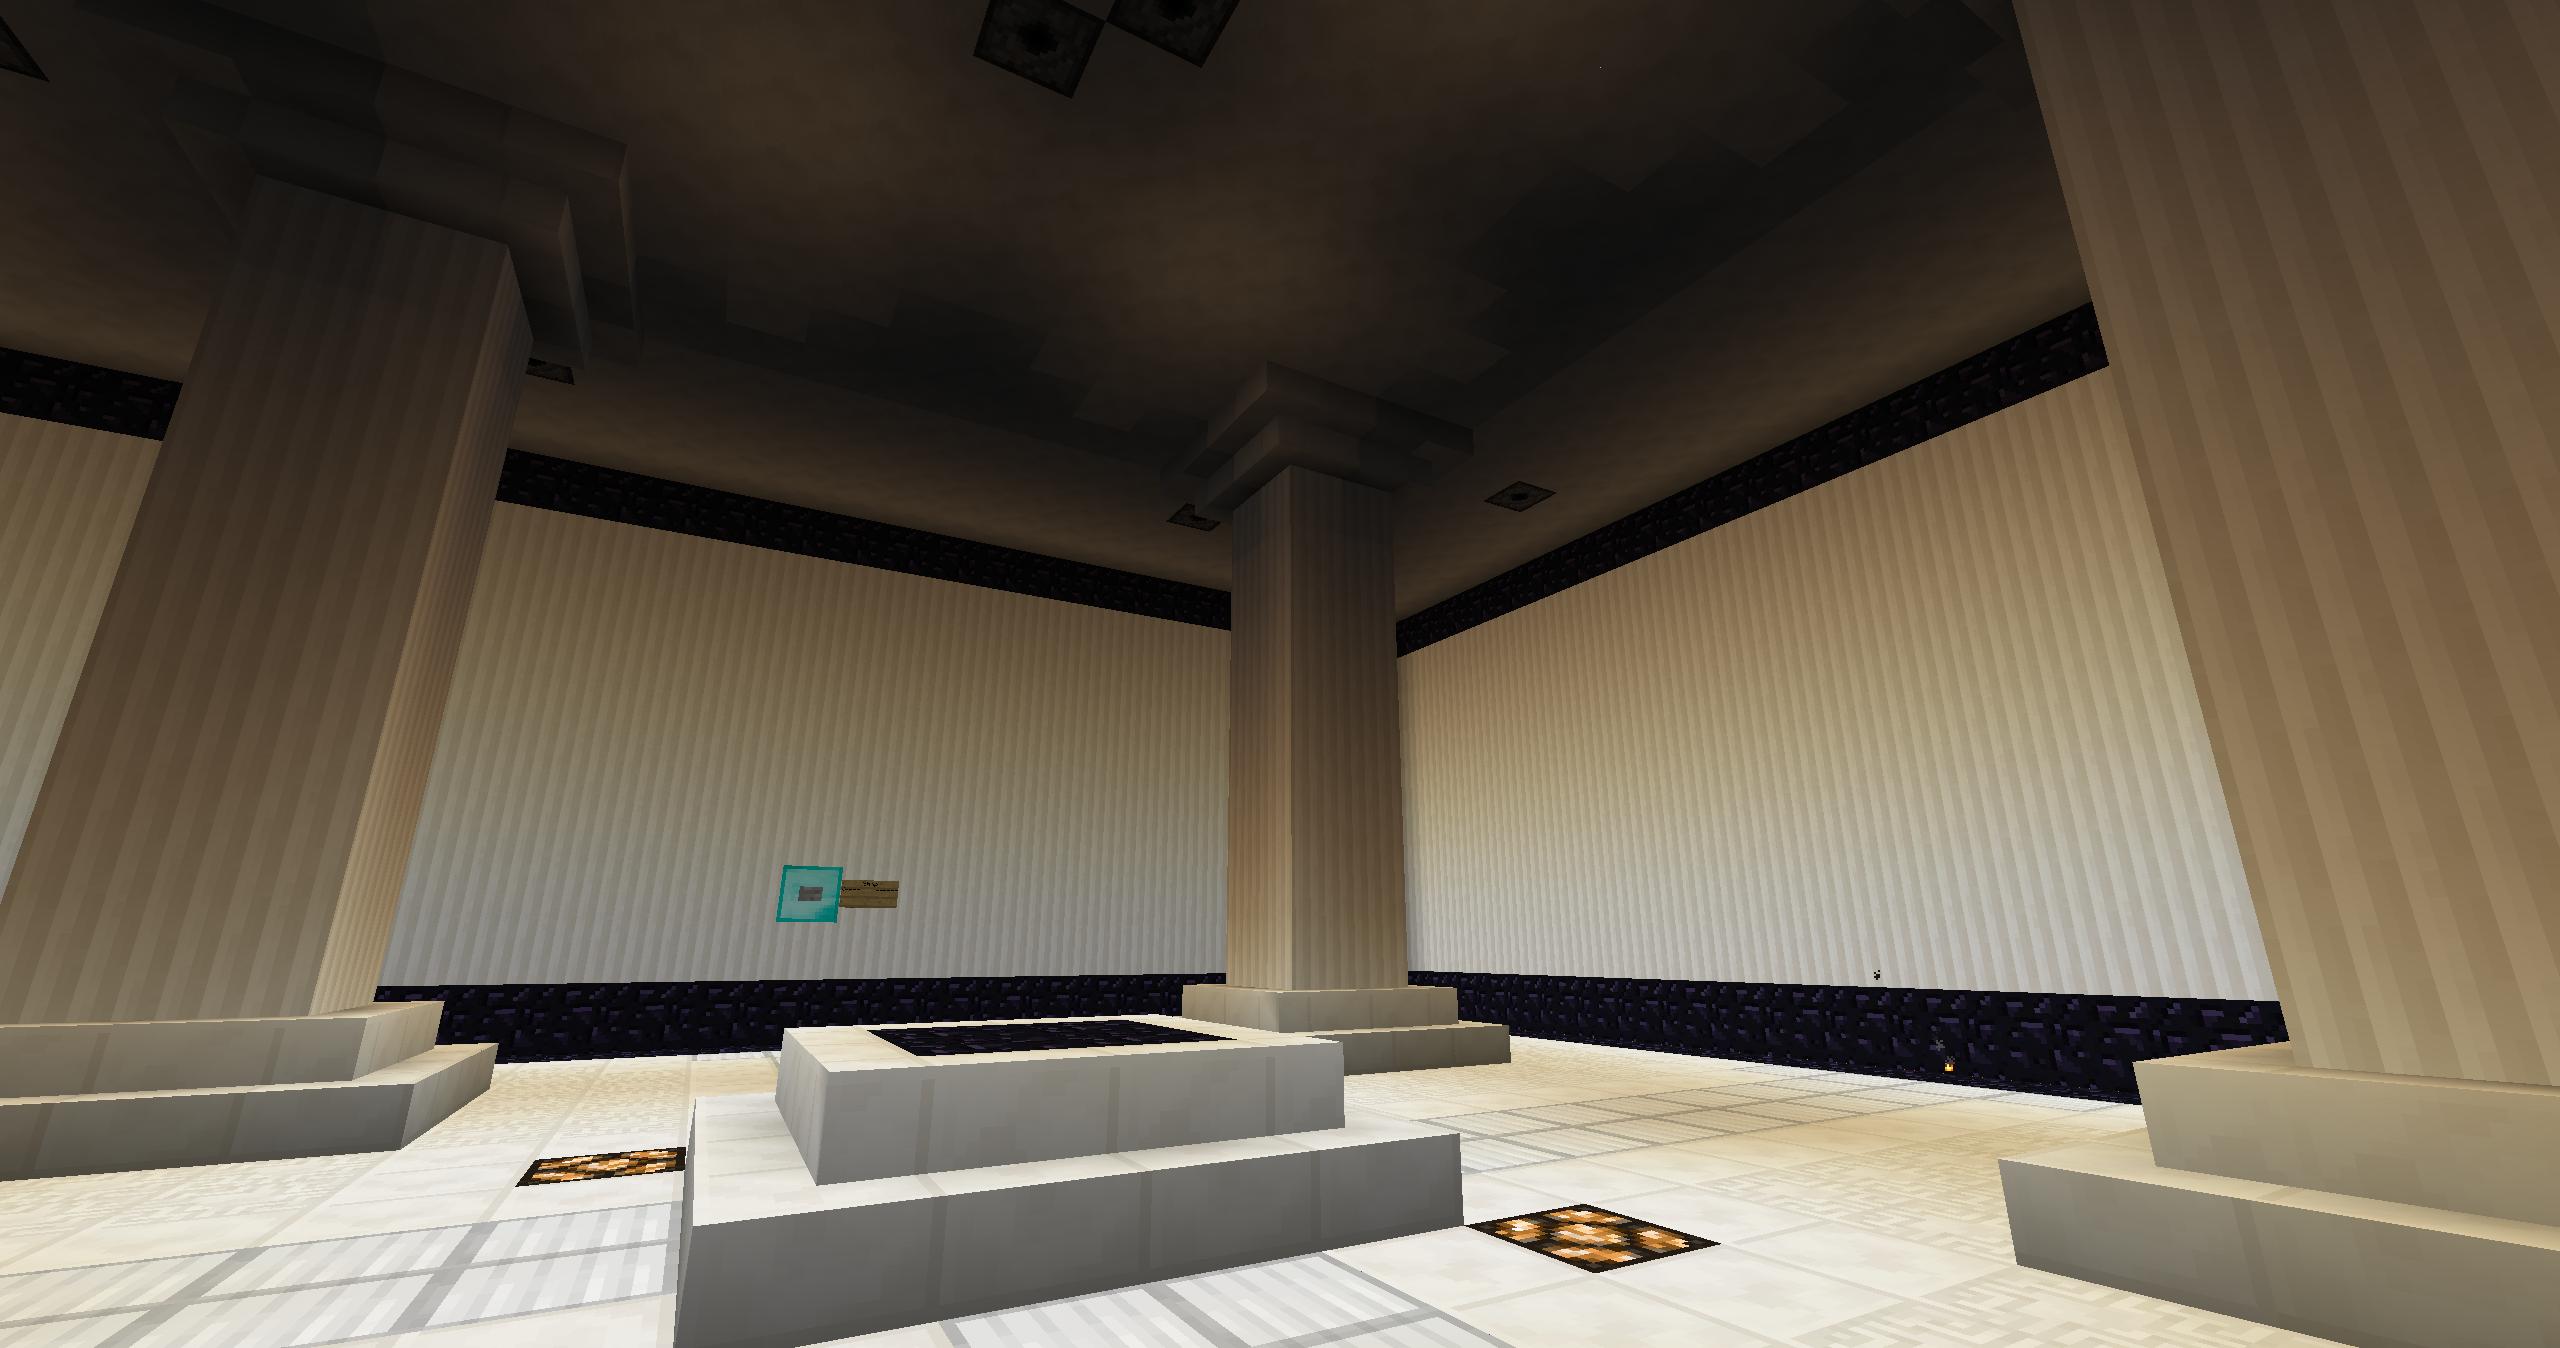 C'est dans cette arène inspiré de la rome antique que vous débuterais Zombie Arena 3